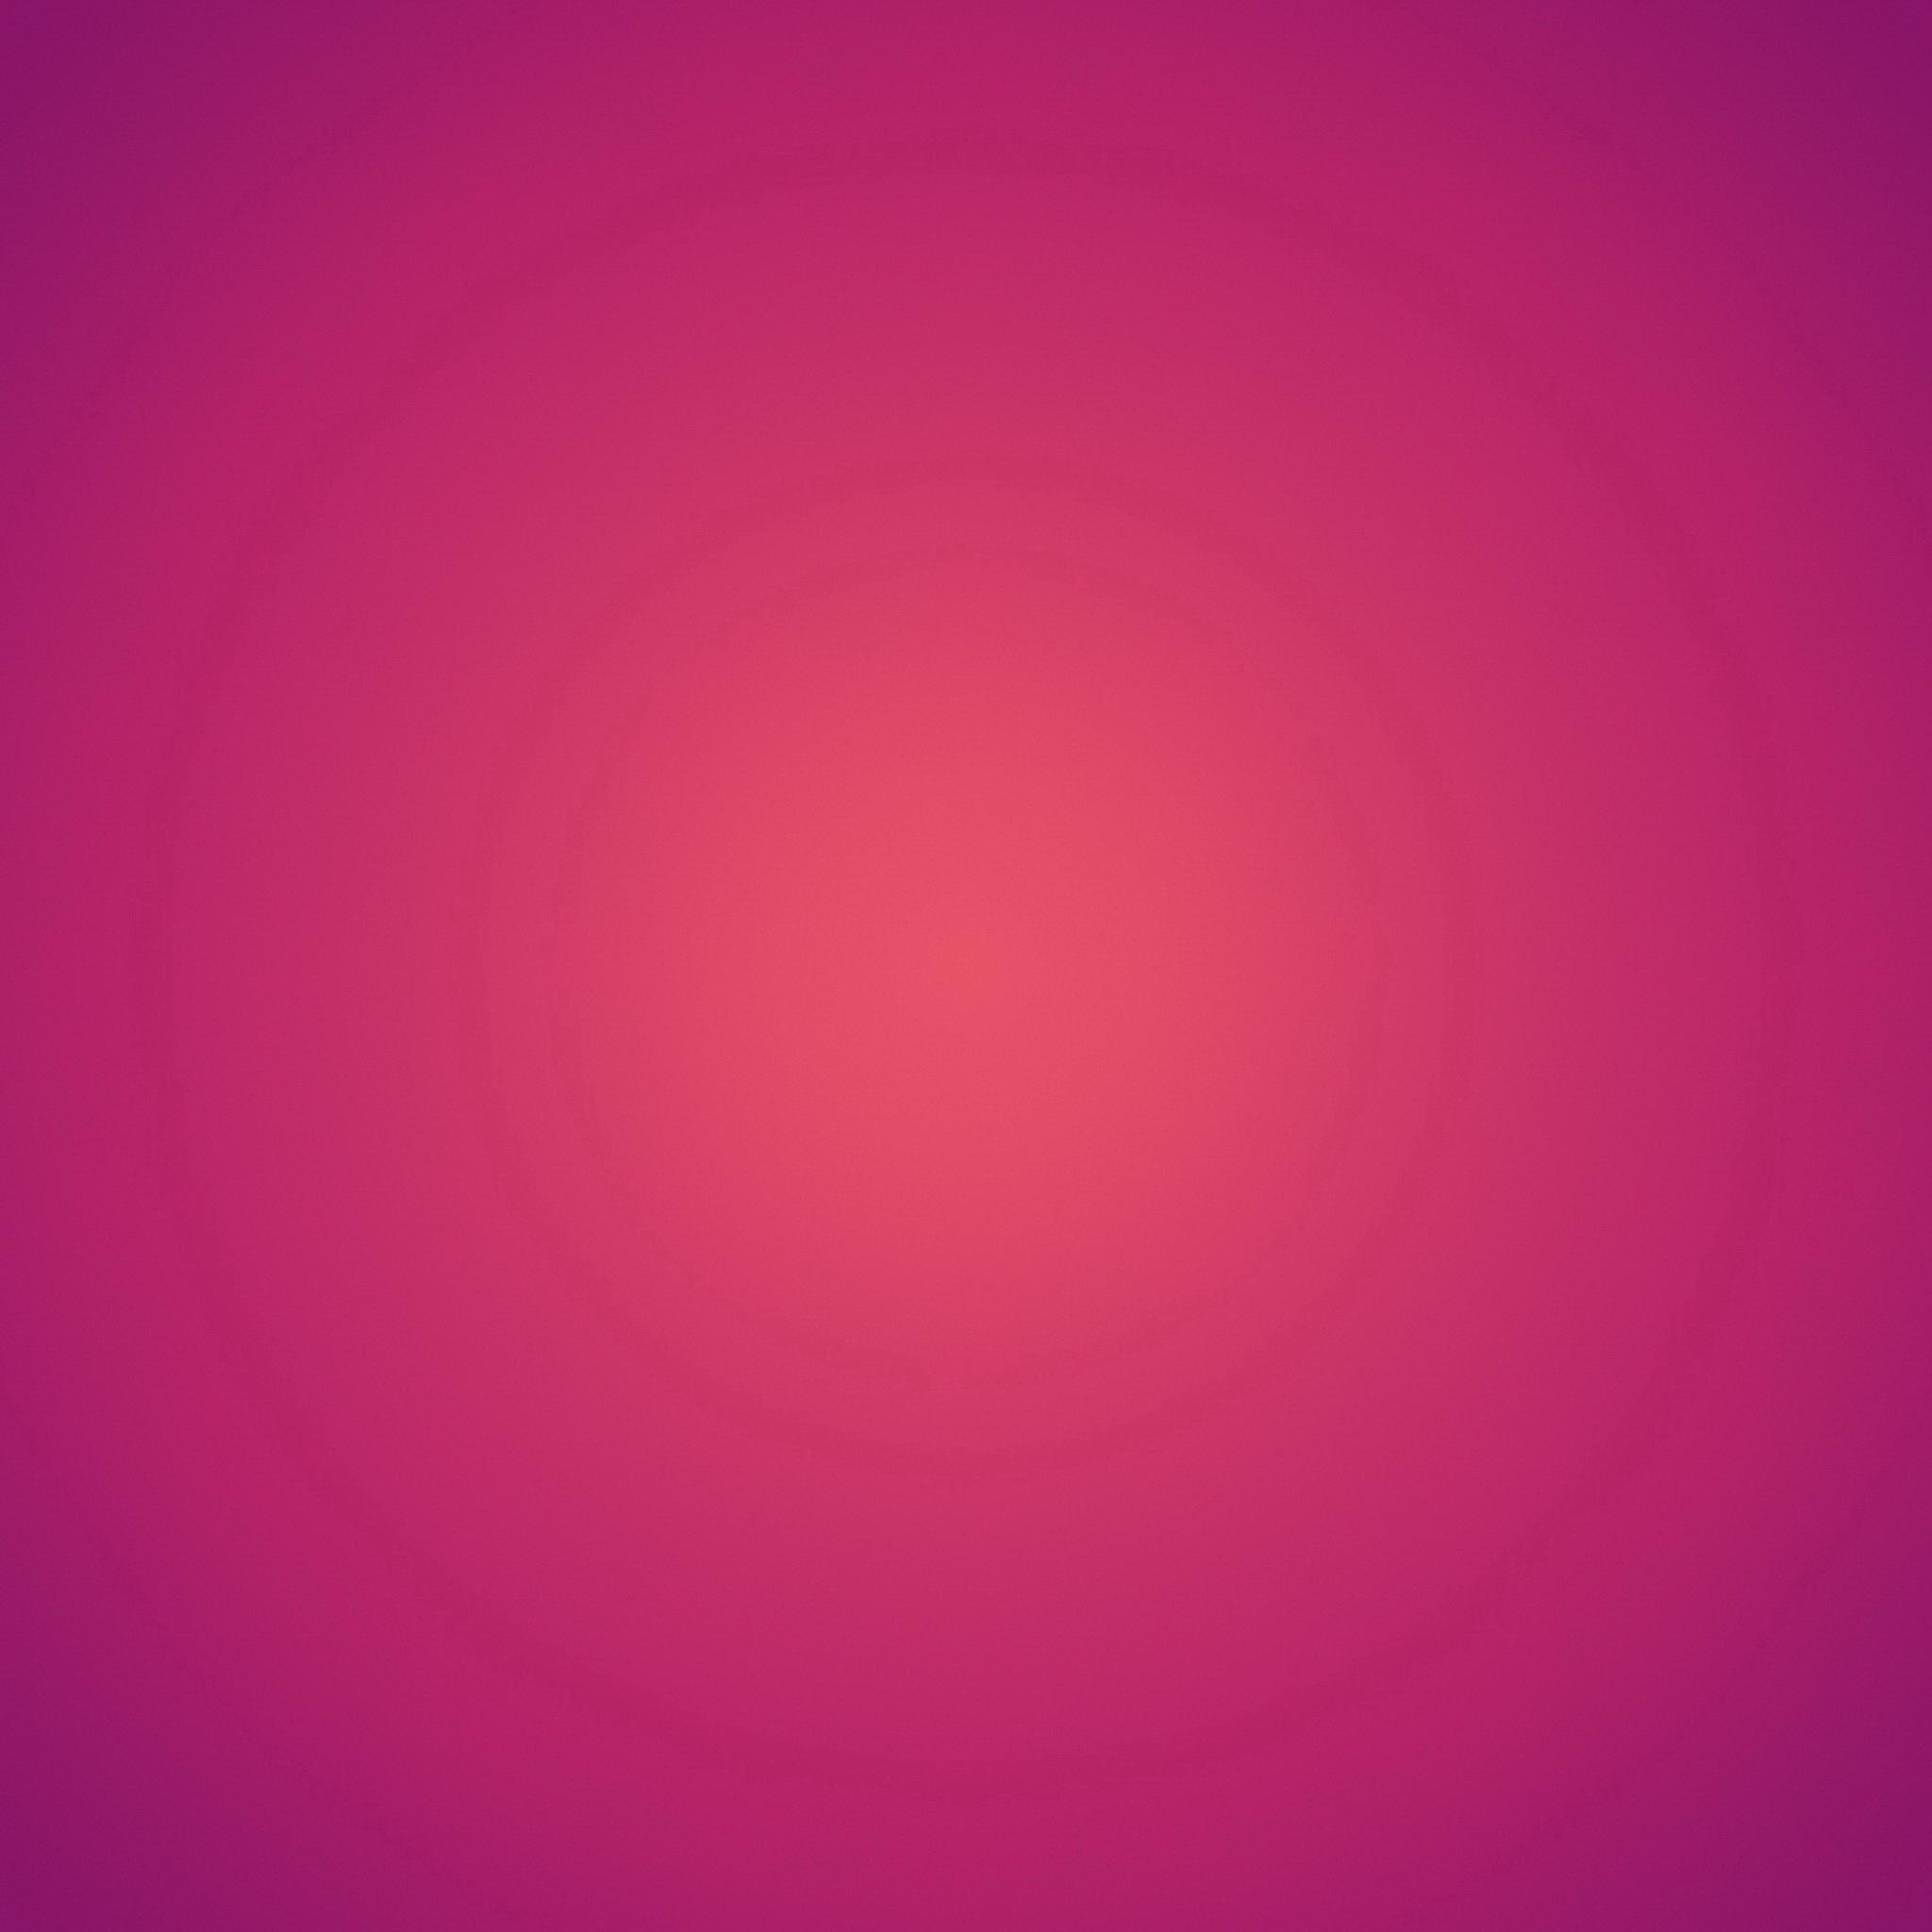 ipad ipad mini retina wallpapers 01 01 2014 ipad retina wallpaper Car 2048x2048